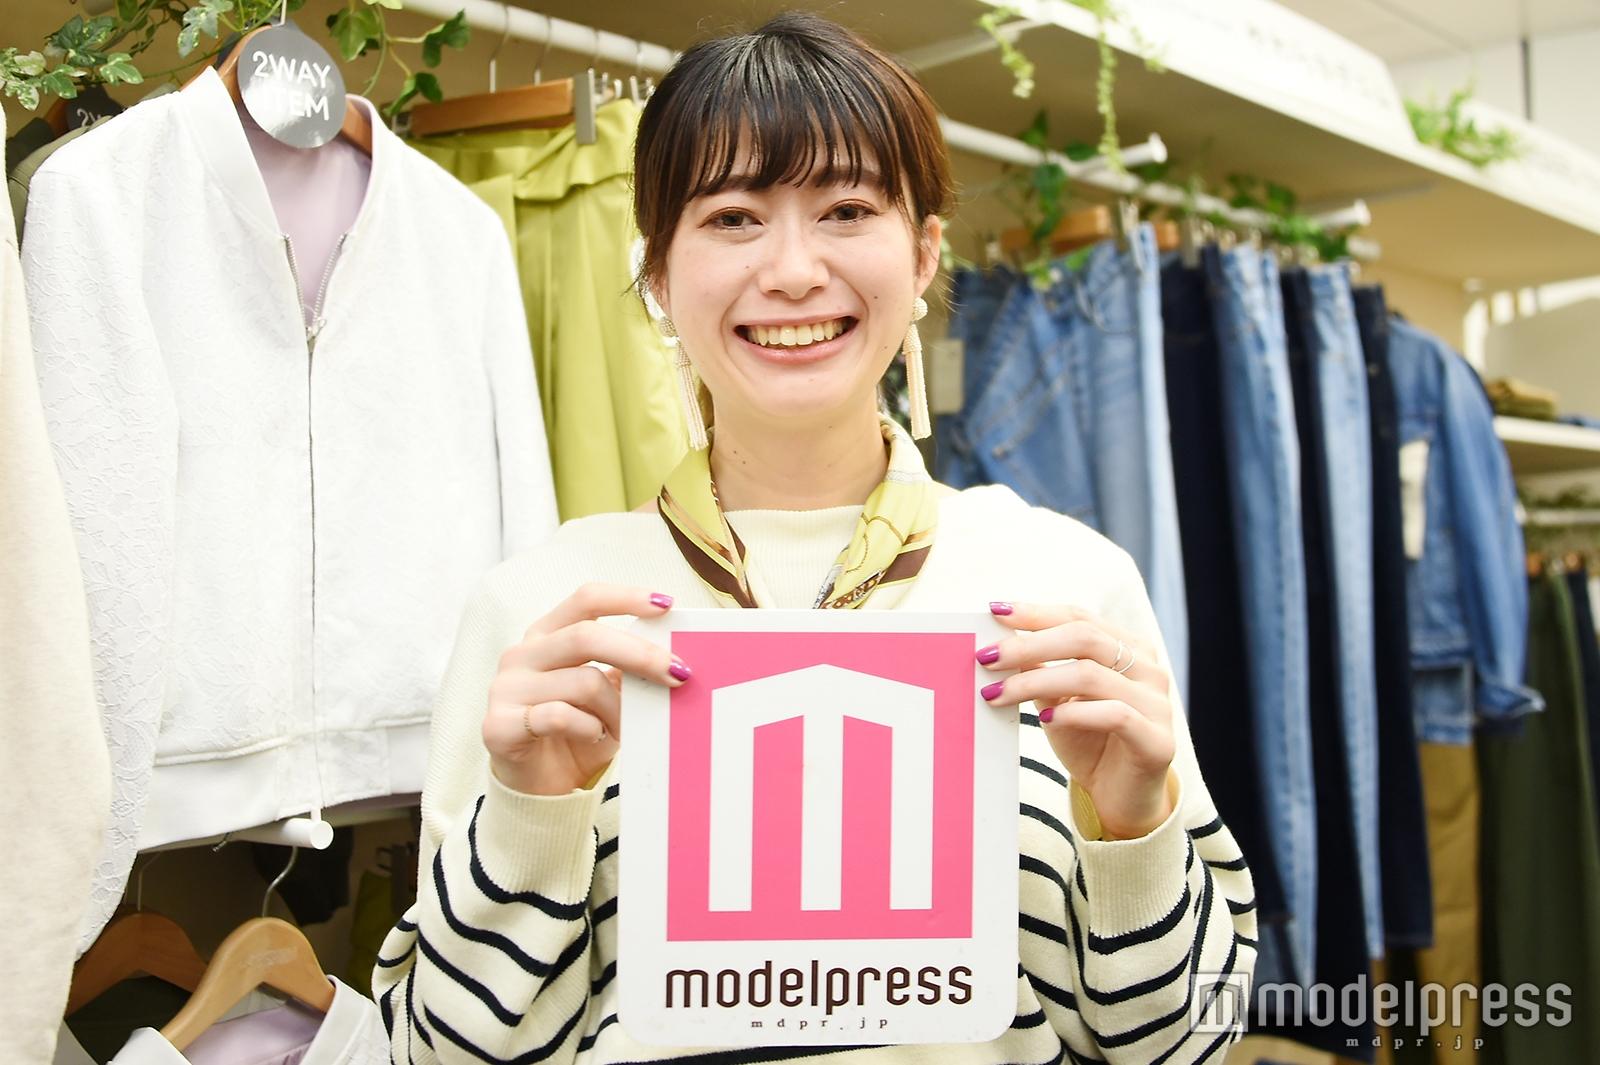 小山亜希子さん(C)モデルプレス